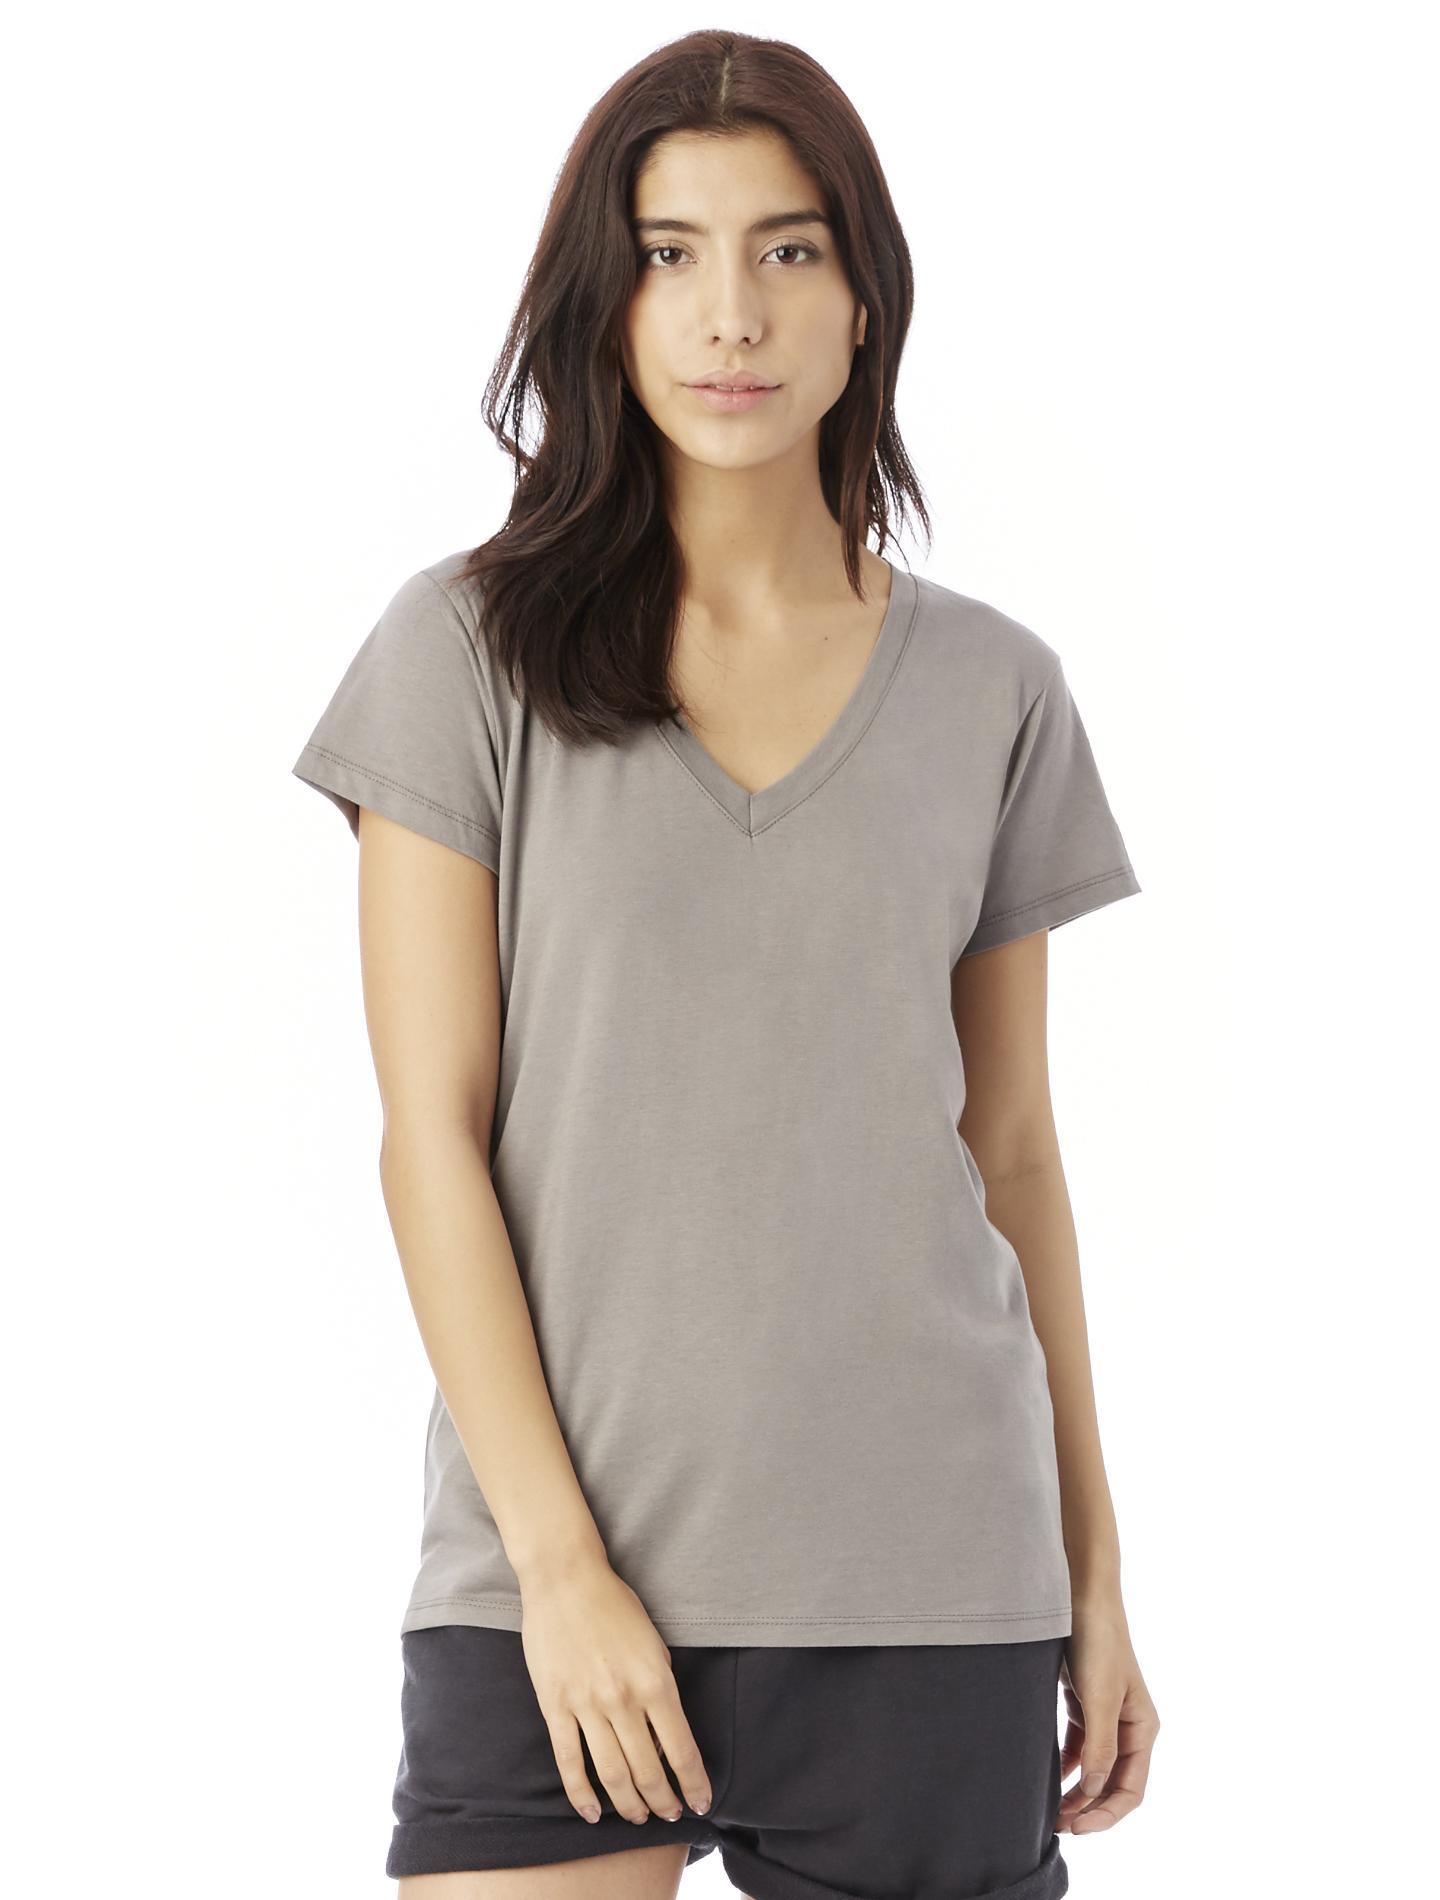 7105e29eaadcf6 Alternative Apparel Everyday Cotton Modal V-neck T-shirt in Metallic ...